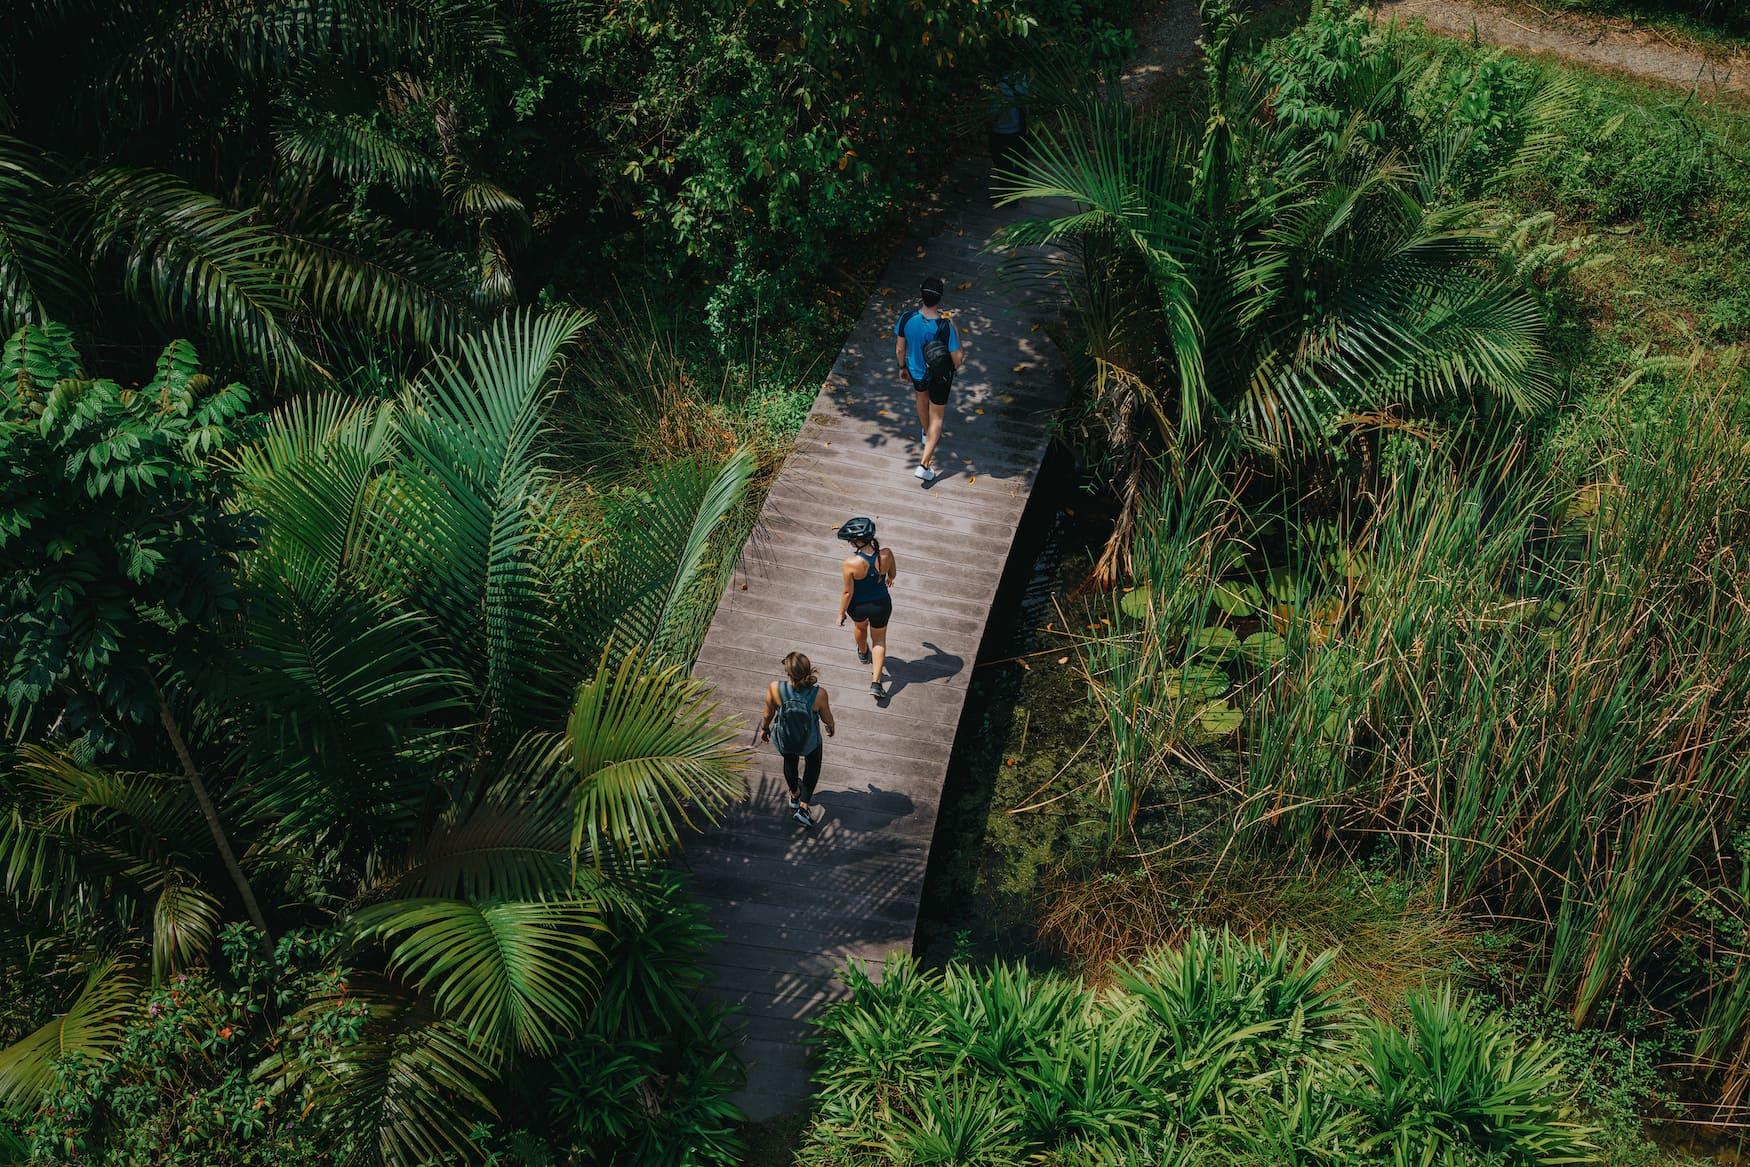 Menschen spazieren durch Naturreservat in südostasiatischer Metropole